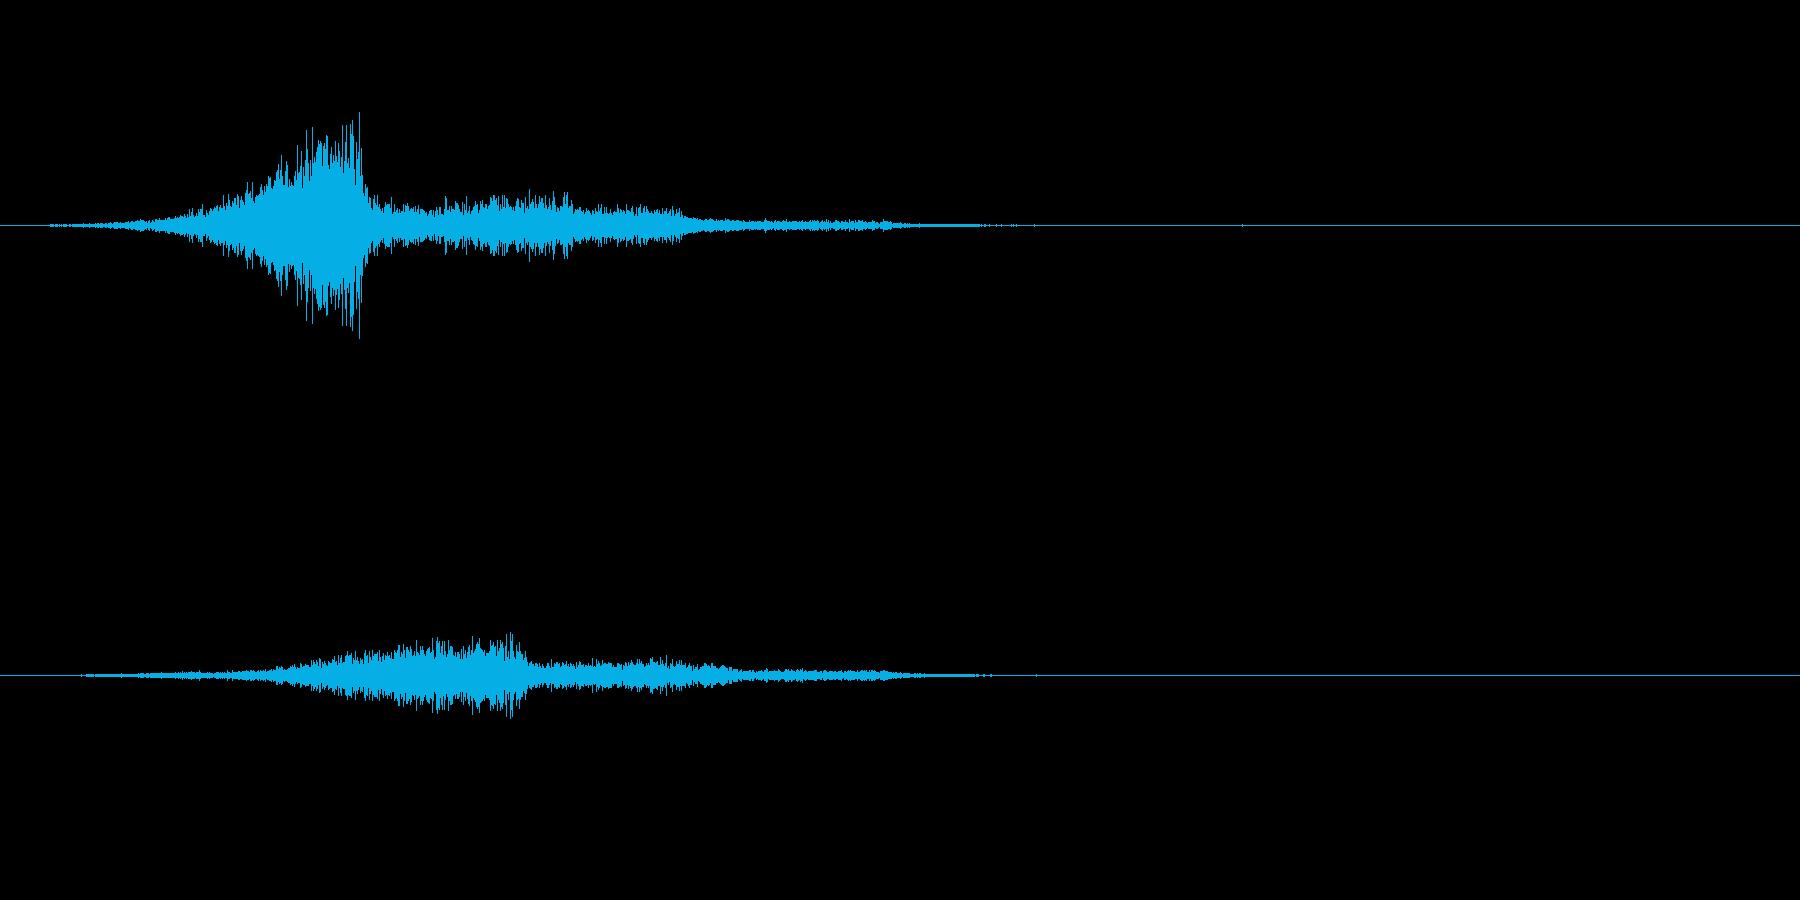 シューっと何かが通り過ぎる不気味な音の再生済みの波形